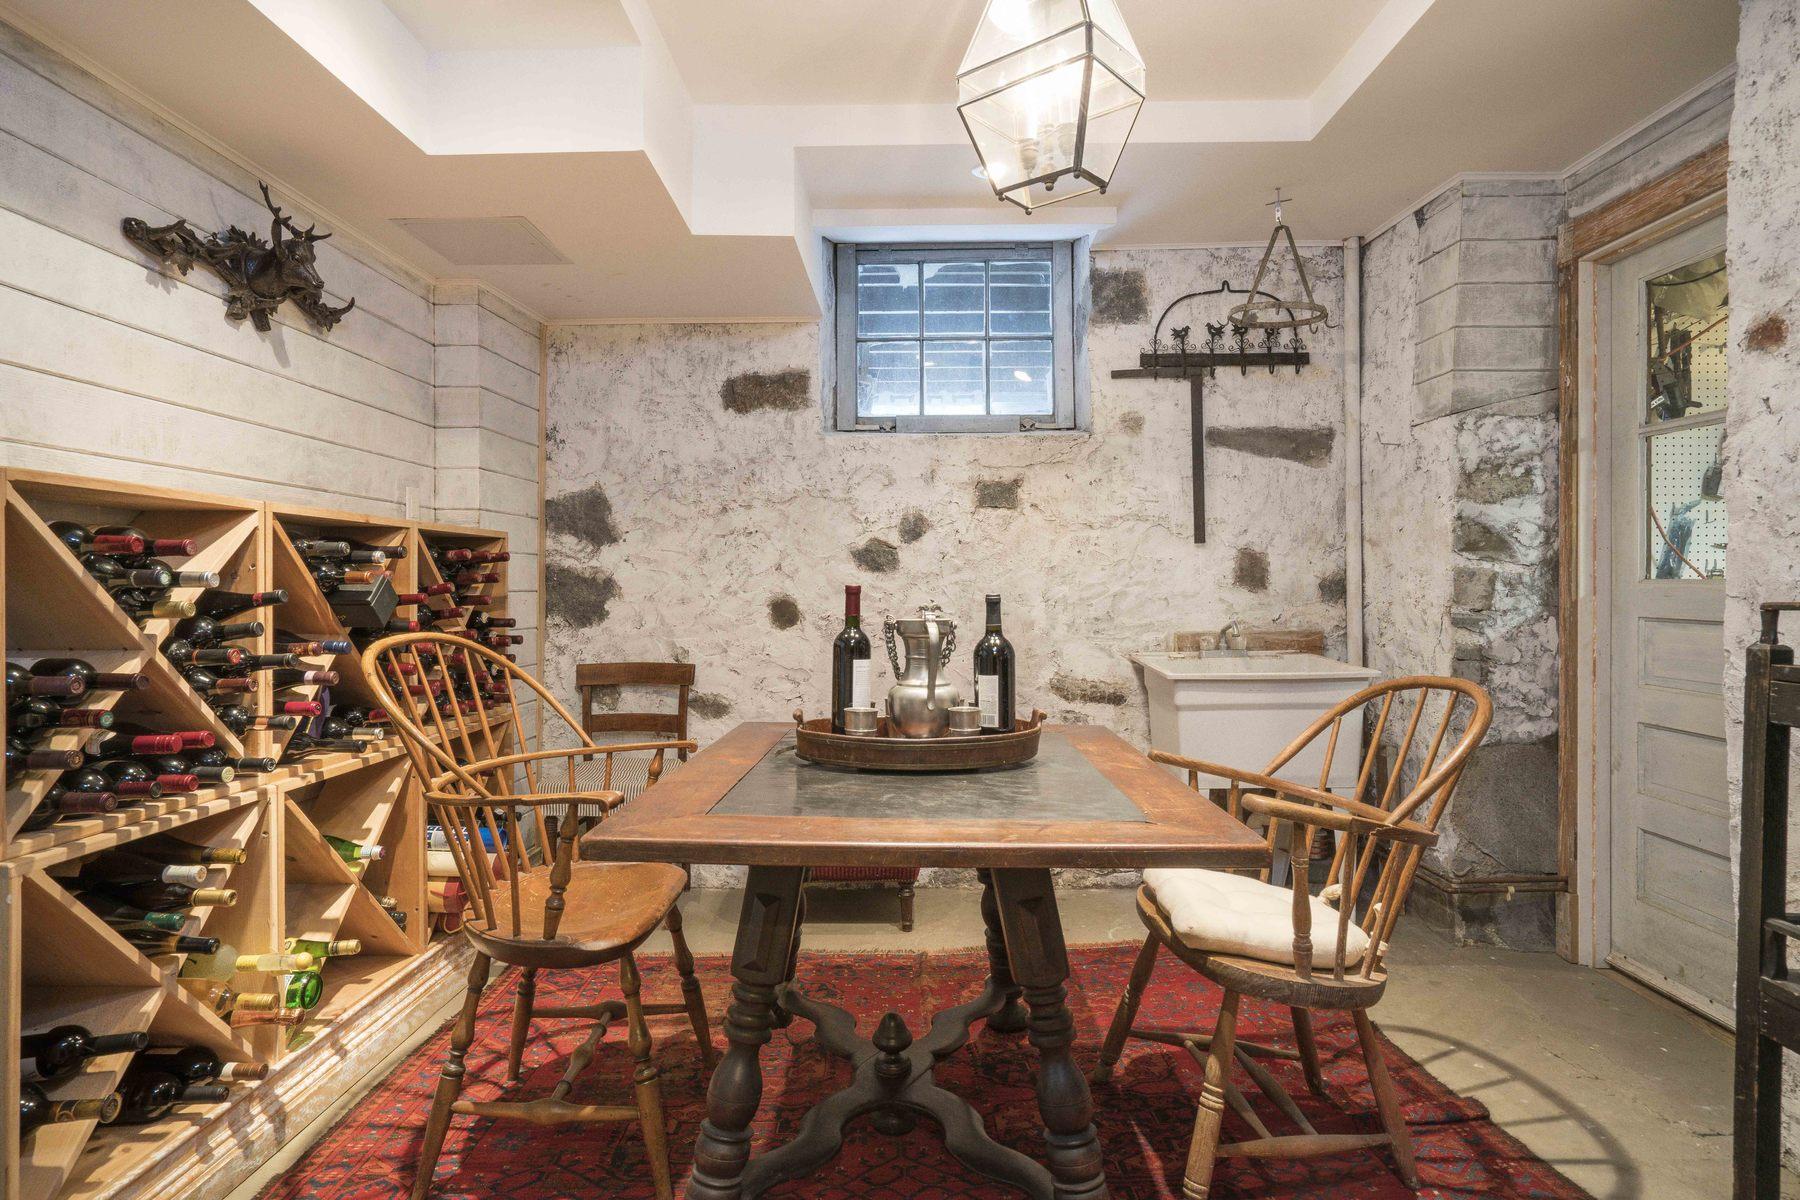 Частный односемейный дом для того Продажа на Come home to your own personal Shangri-La! 31 Parley Ave Jamaica Plain, Boston, Массачусетс, 02130 Соединенные Штаты